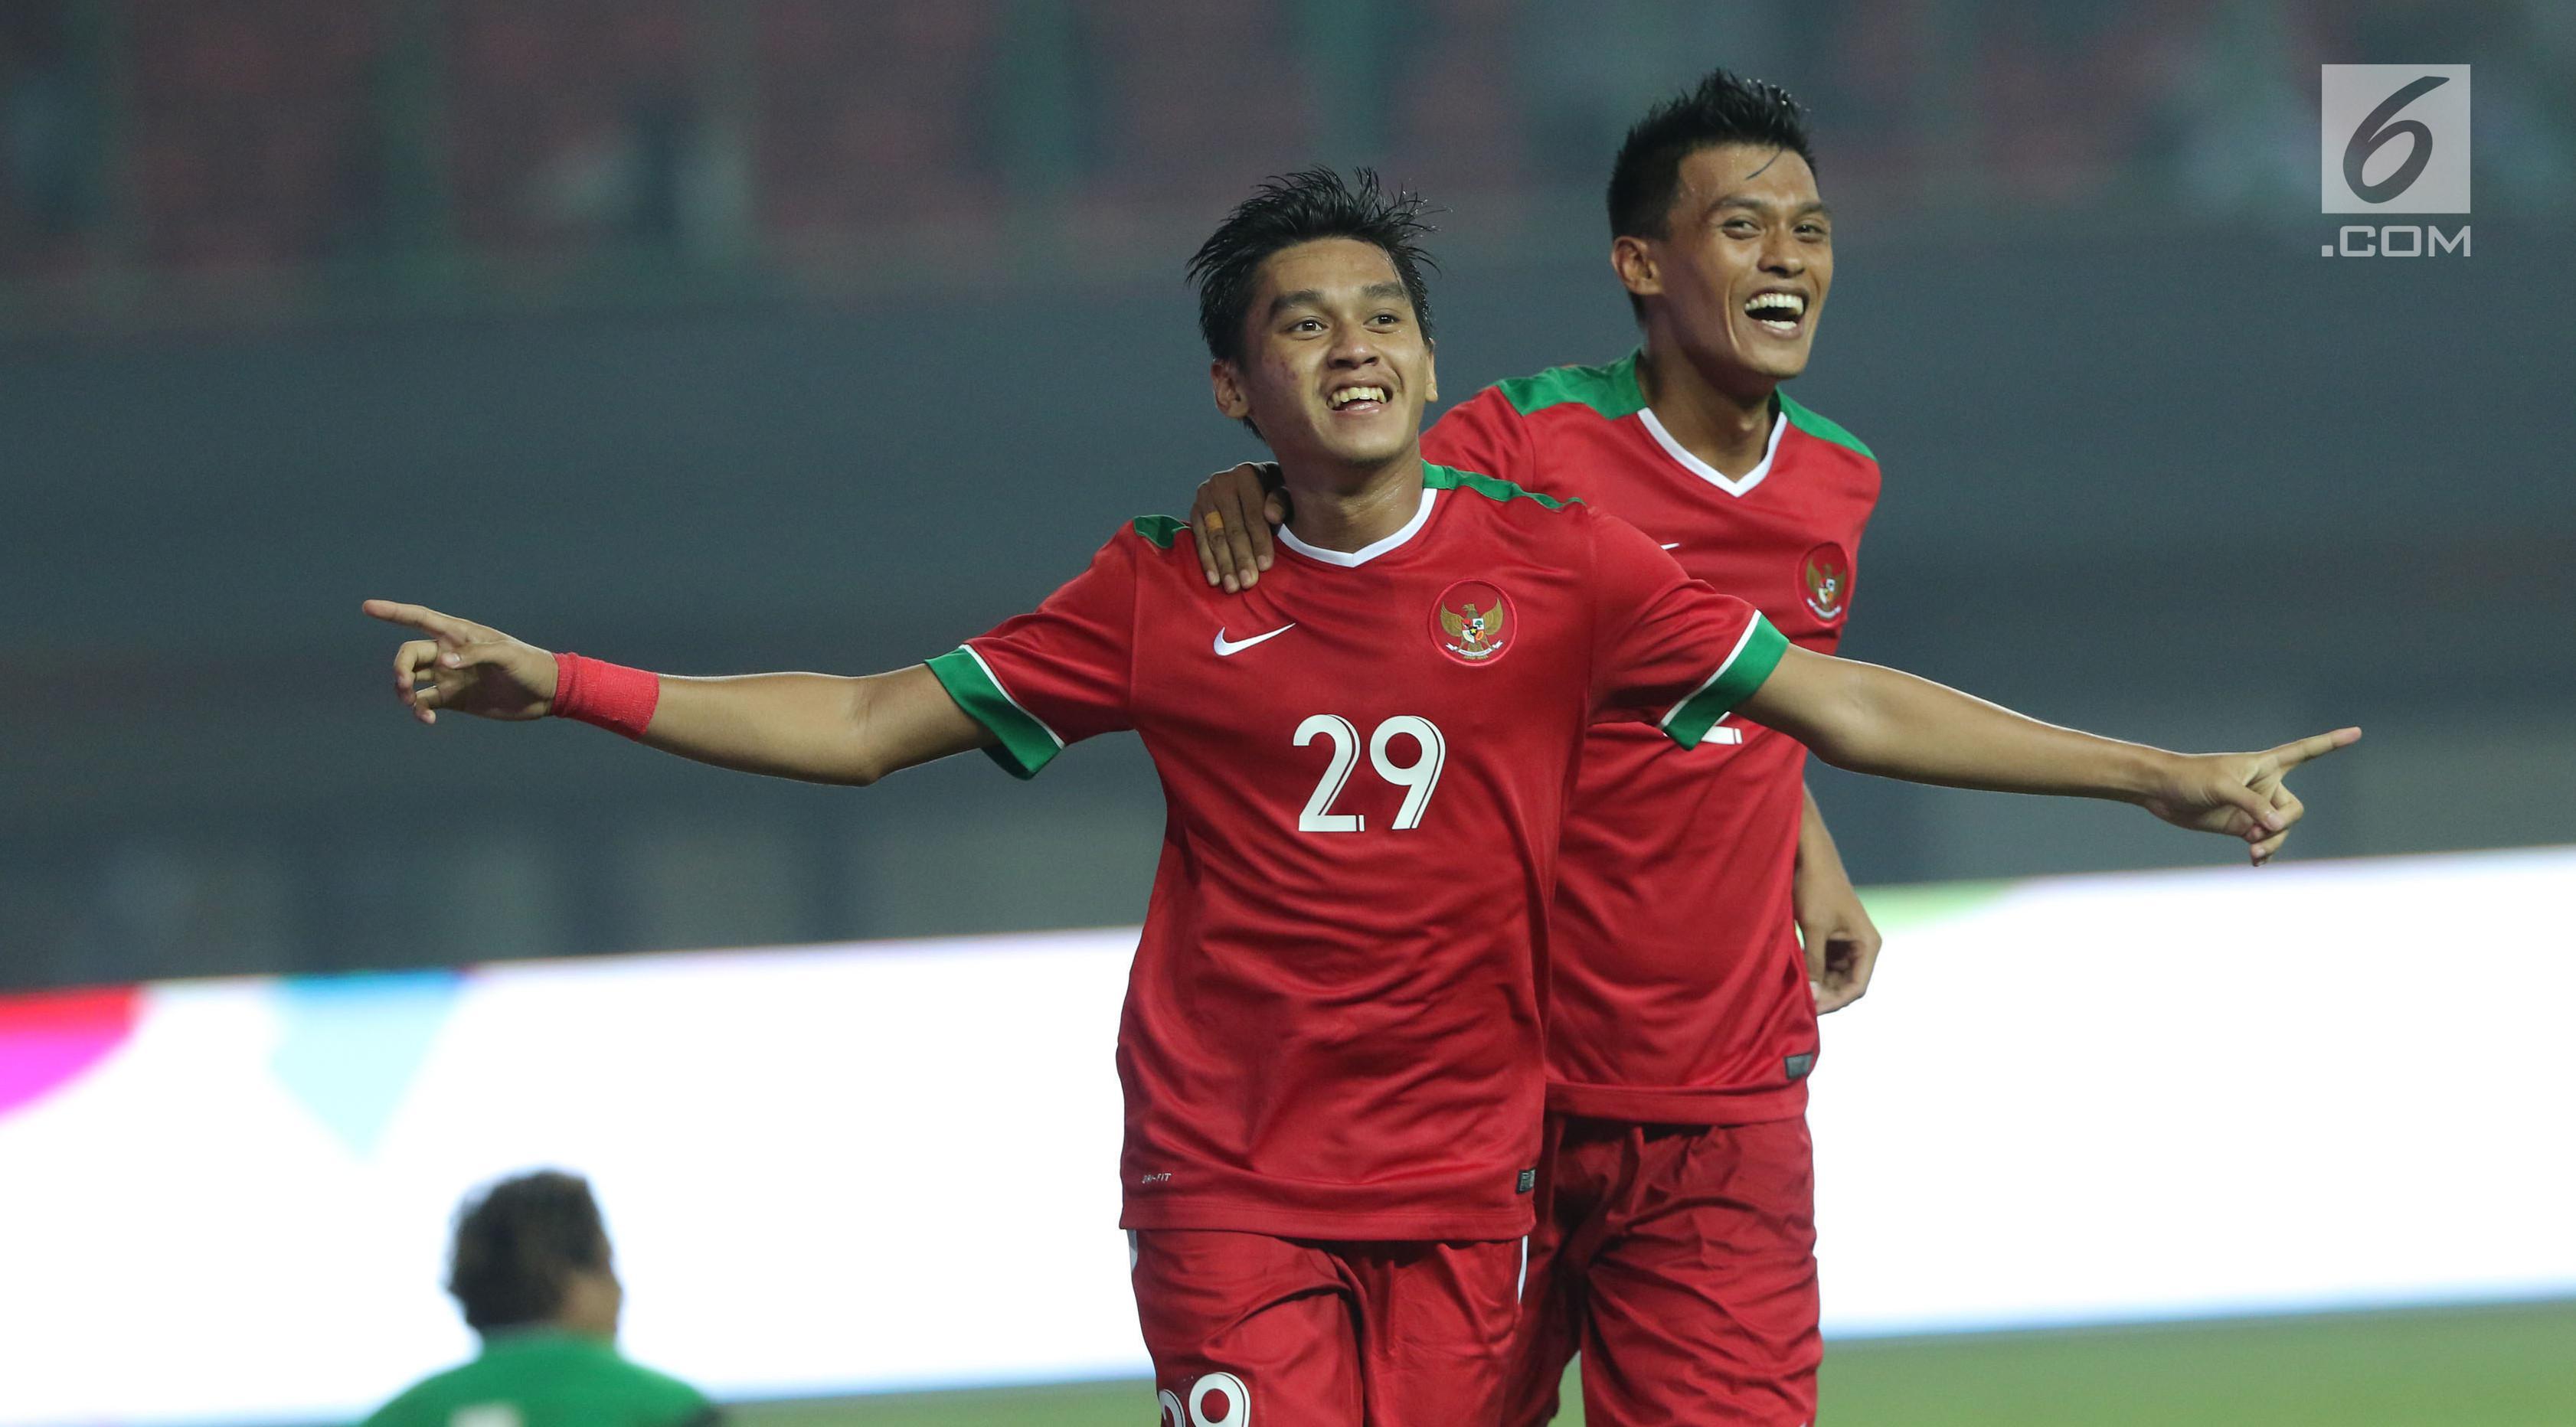 Pemain Timnas Indonesia, Septian David Maulana (kiri) merayakan gol ke gawang Kamboja pada laga persahabatan di Stadion Patriot Candrabhaga, Bekasi, Rabu (4/10). Timnas Indonesia menang 3-1 atas Kamboja. (Liputan6.com/Helmi Fithriansyah)